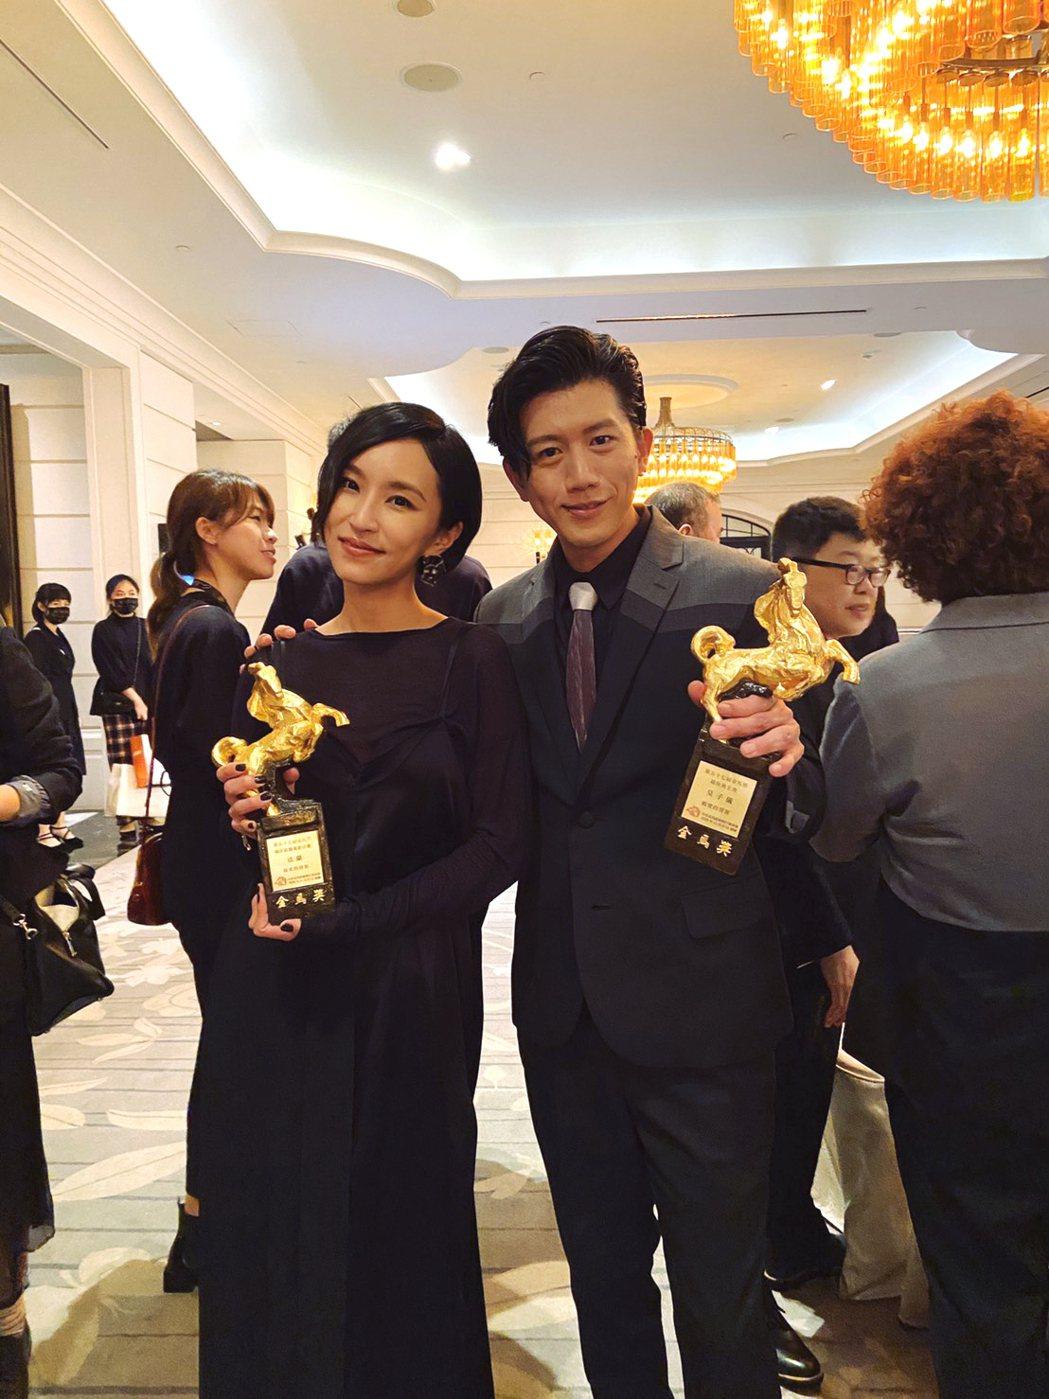 法蘭(左)、莫子儀以「親愛的房客」分別拿下金馬獎最佳原創電影音樂及男主角獎。圖/